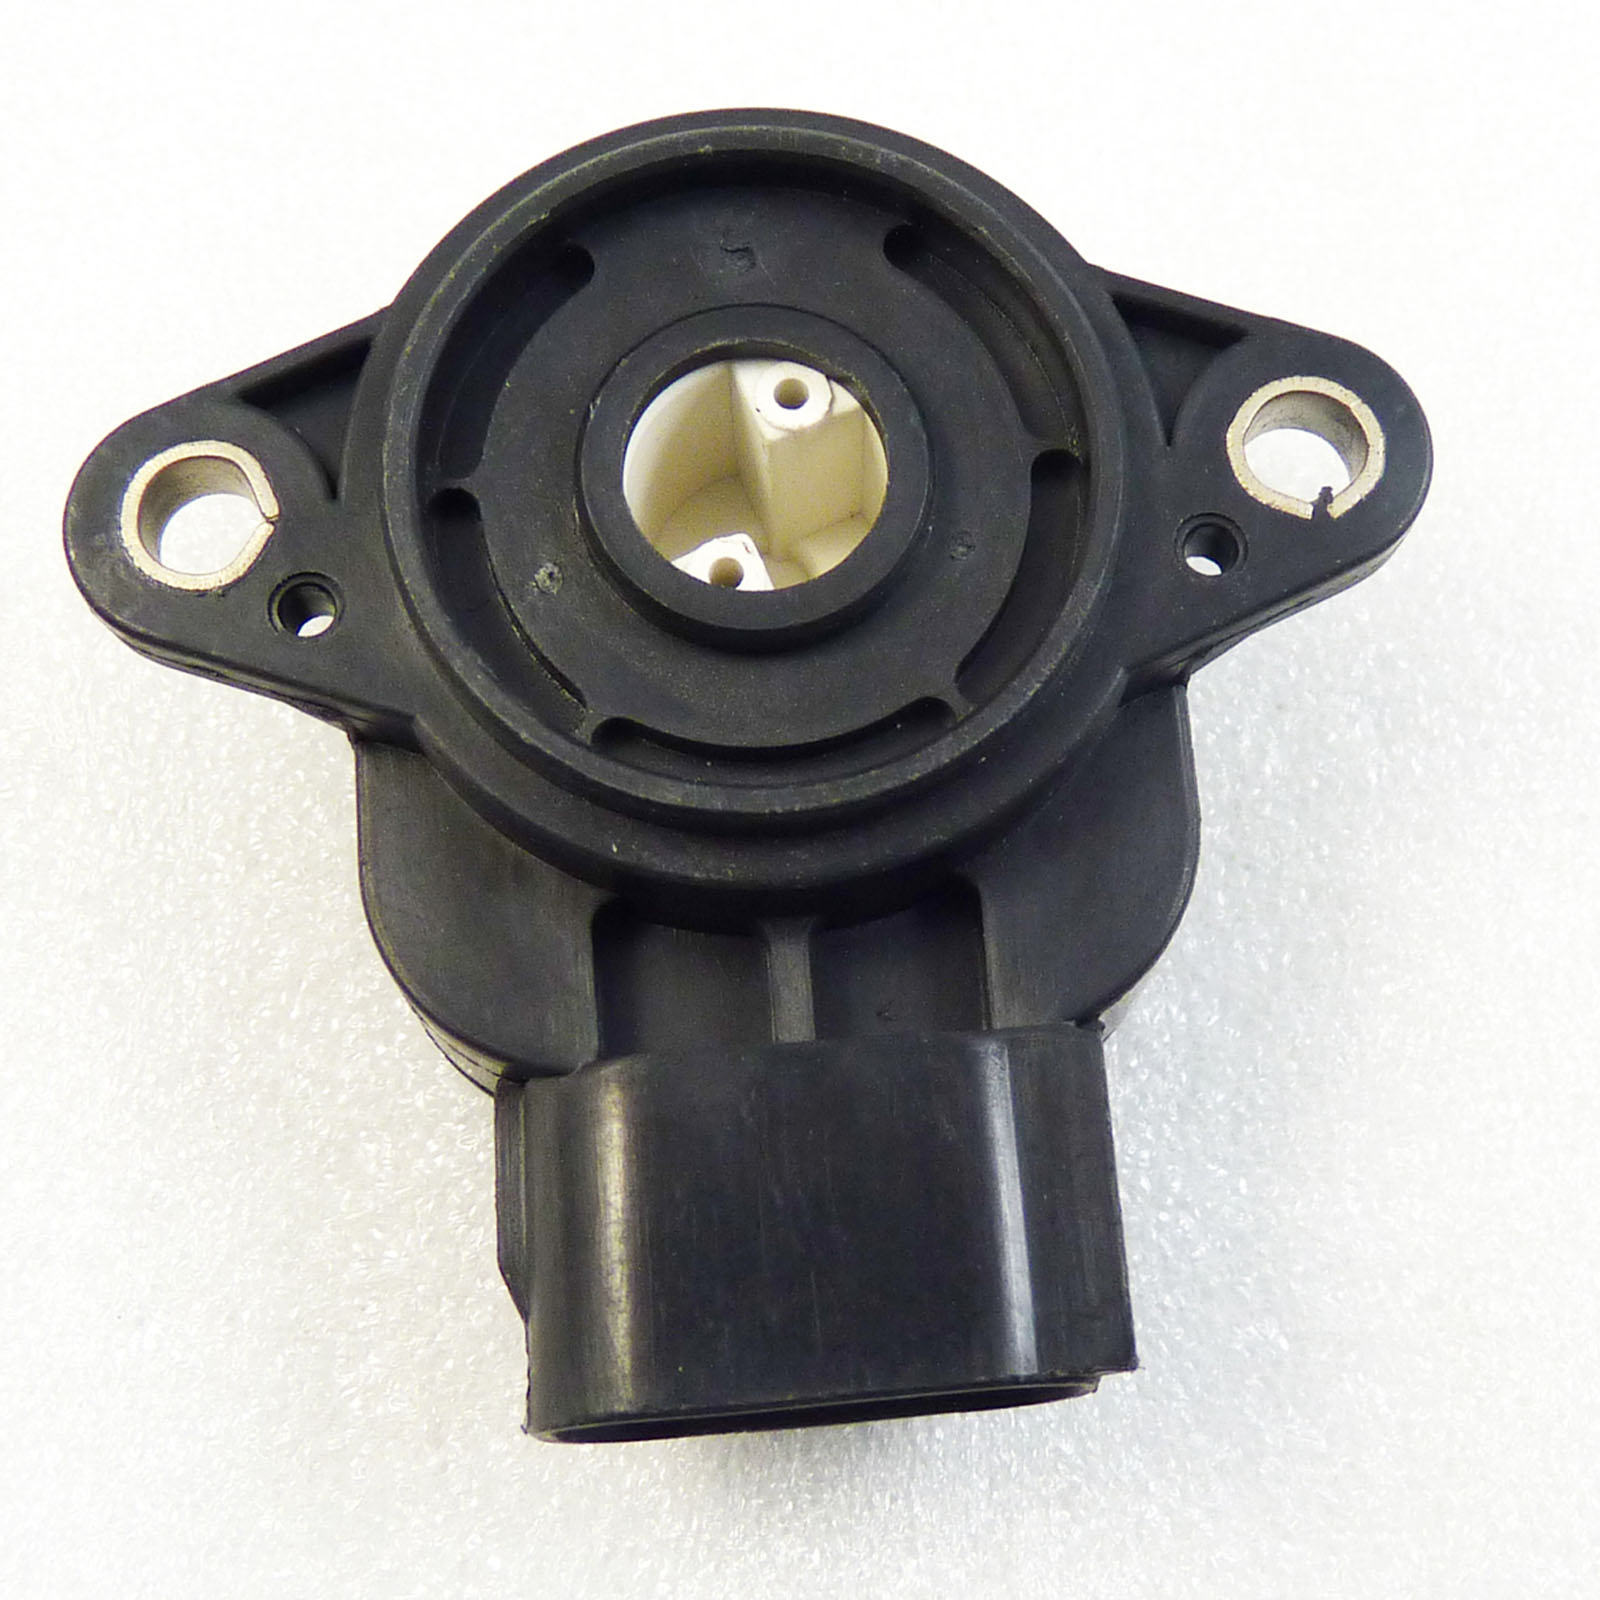 limpiador //// 2x10mm Eibach pista placas ensanchamiento ø72 5 5x120 20mm